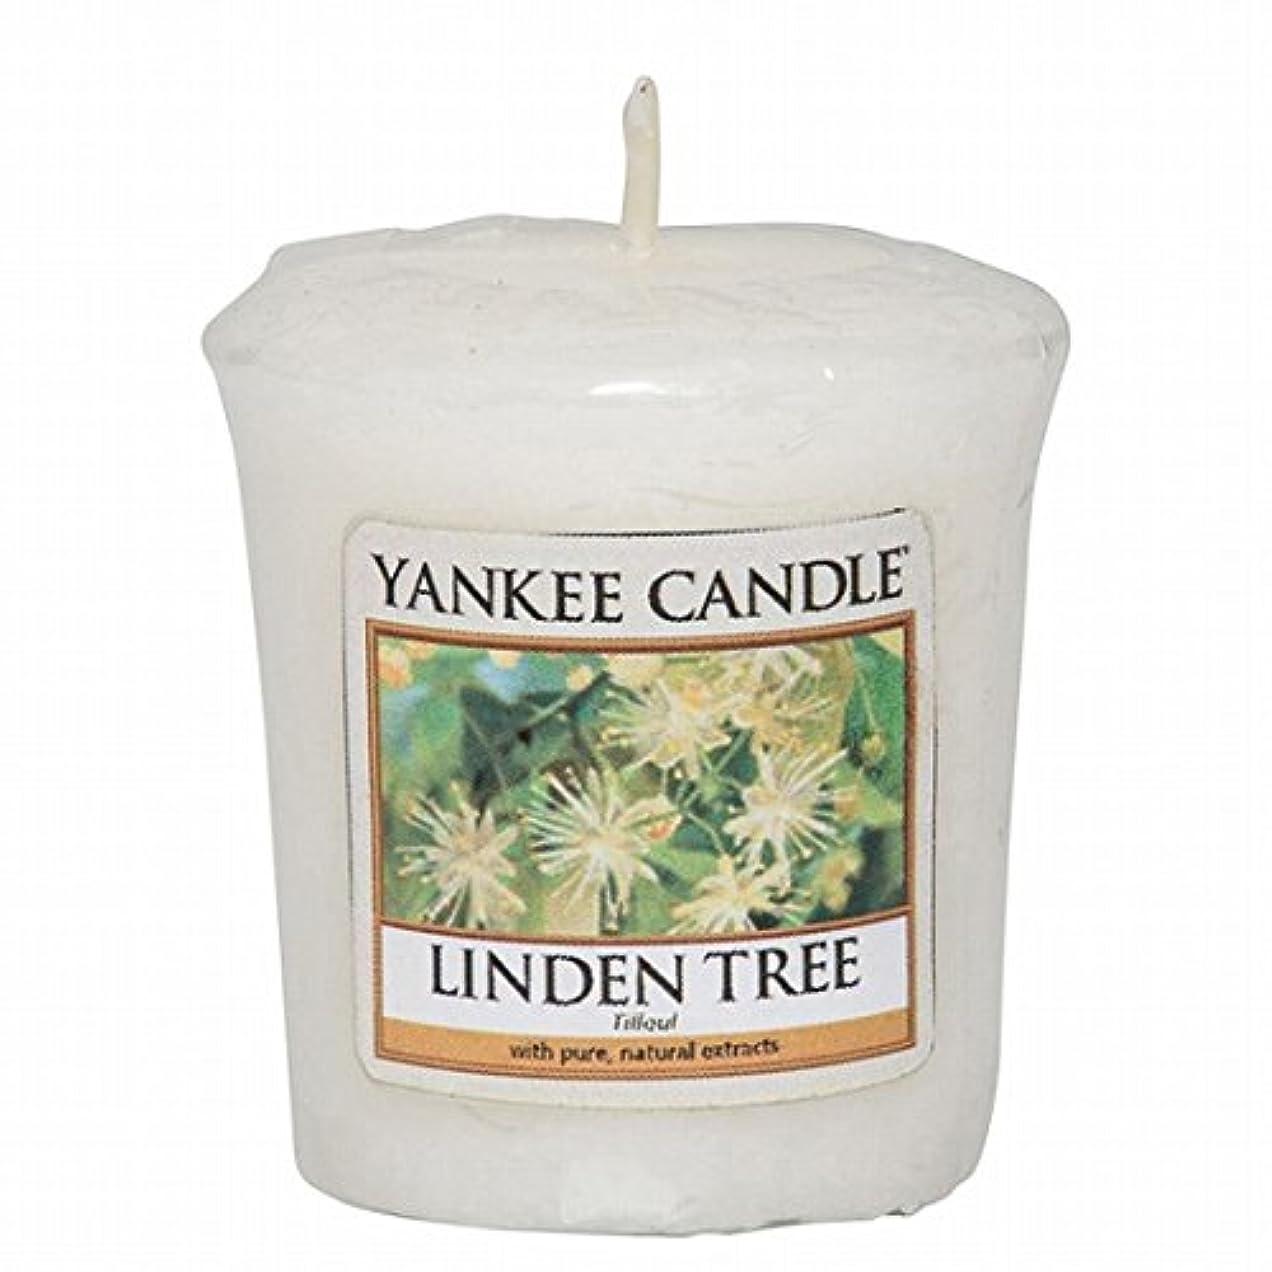 異常多分発揮するYANKEE CANDLE(ヤンキーキャンドル) YANKEE CANDLE サンプラー 「リンデンツリー」(K00105289)